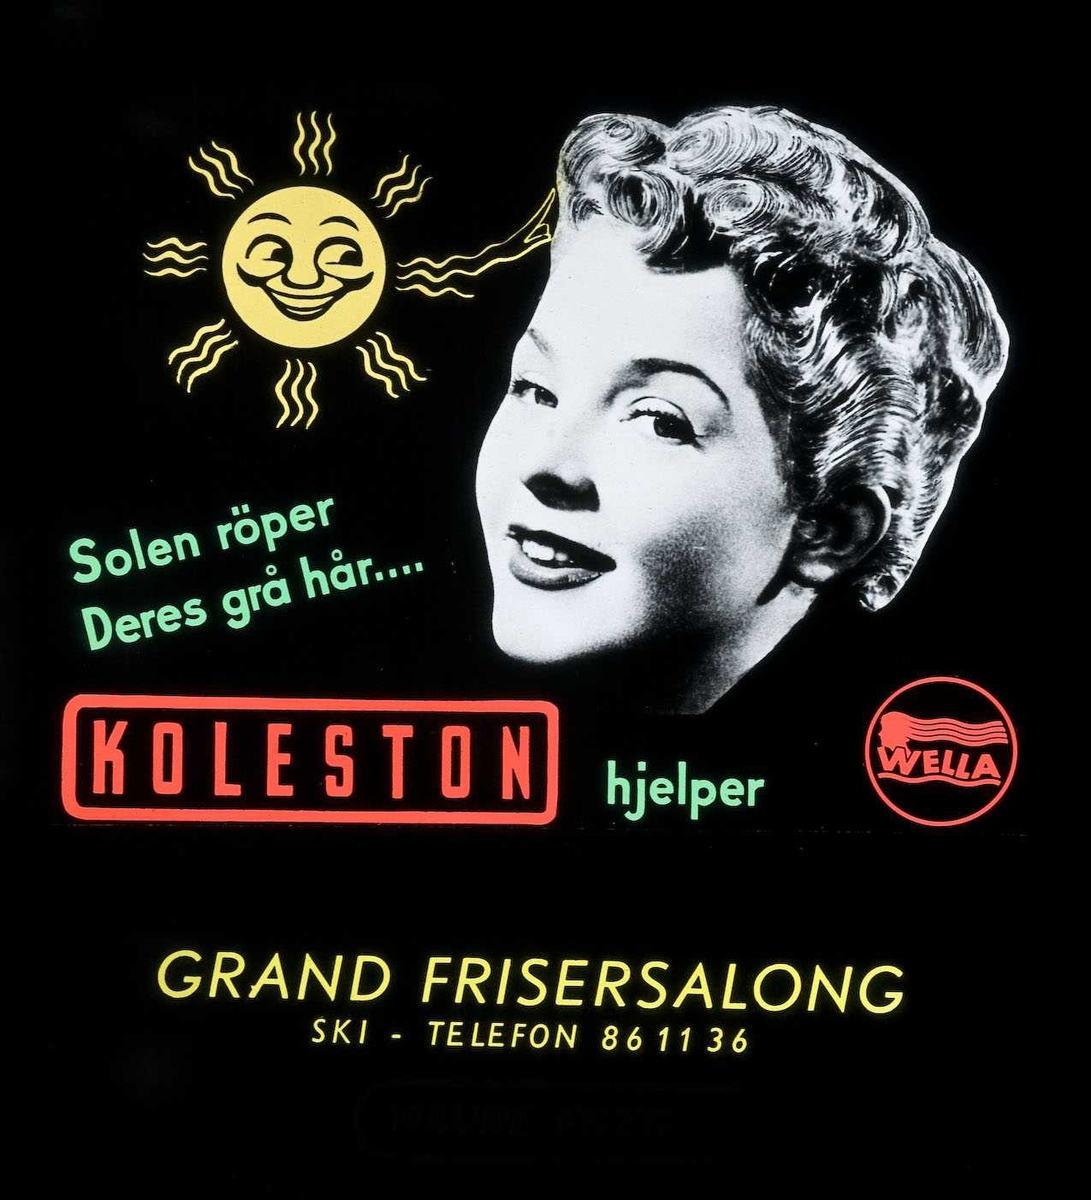 Kinoreklame fra Ski. Solen røper Deres grå hår. Wella Koleston hjelper. Grand Frisersalong, Ski